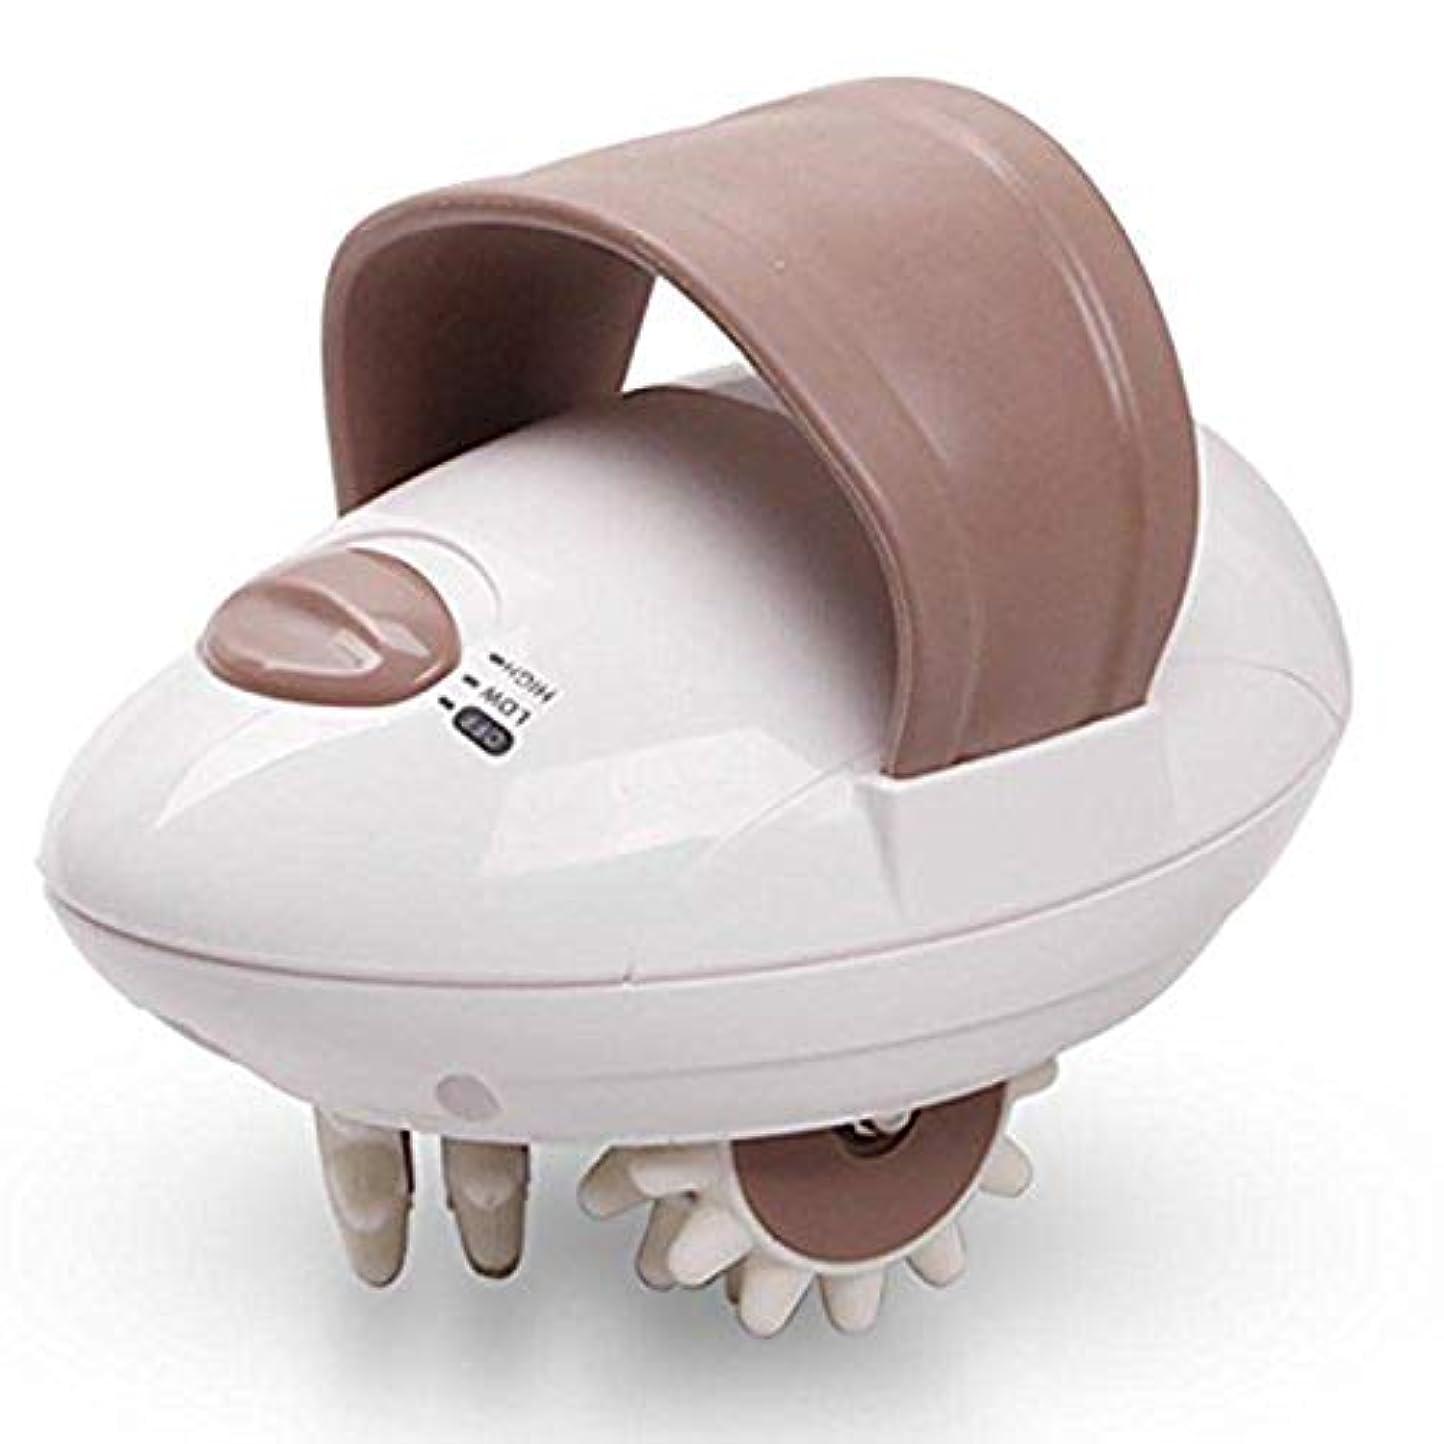 累計成功スーパーマーケット3D Electric Full Body Slimming Massager Roller Cellulite Massaging Smarter Device Weight Loss Fat Burning Relieve Tension